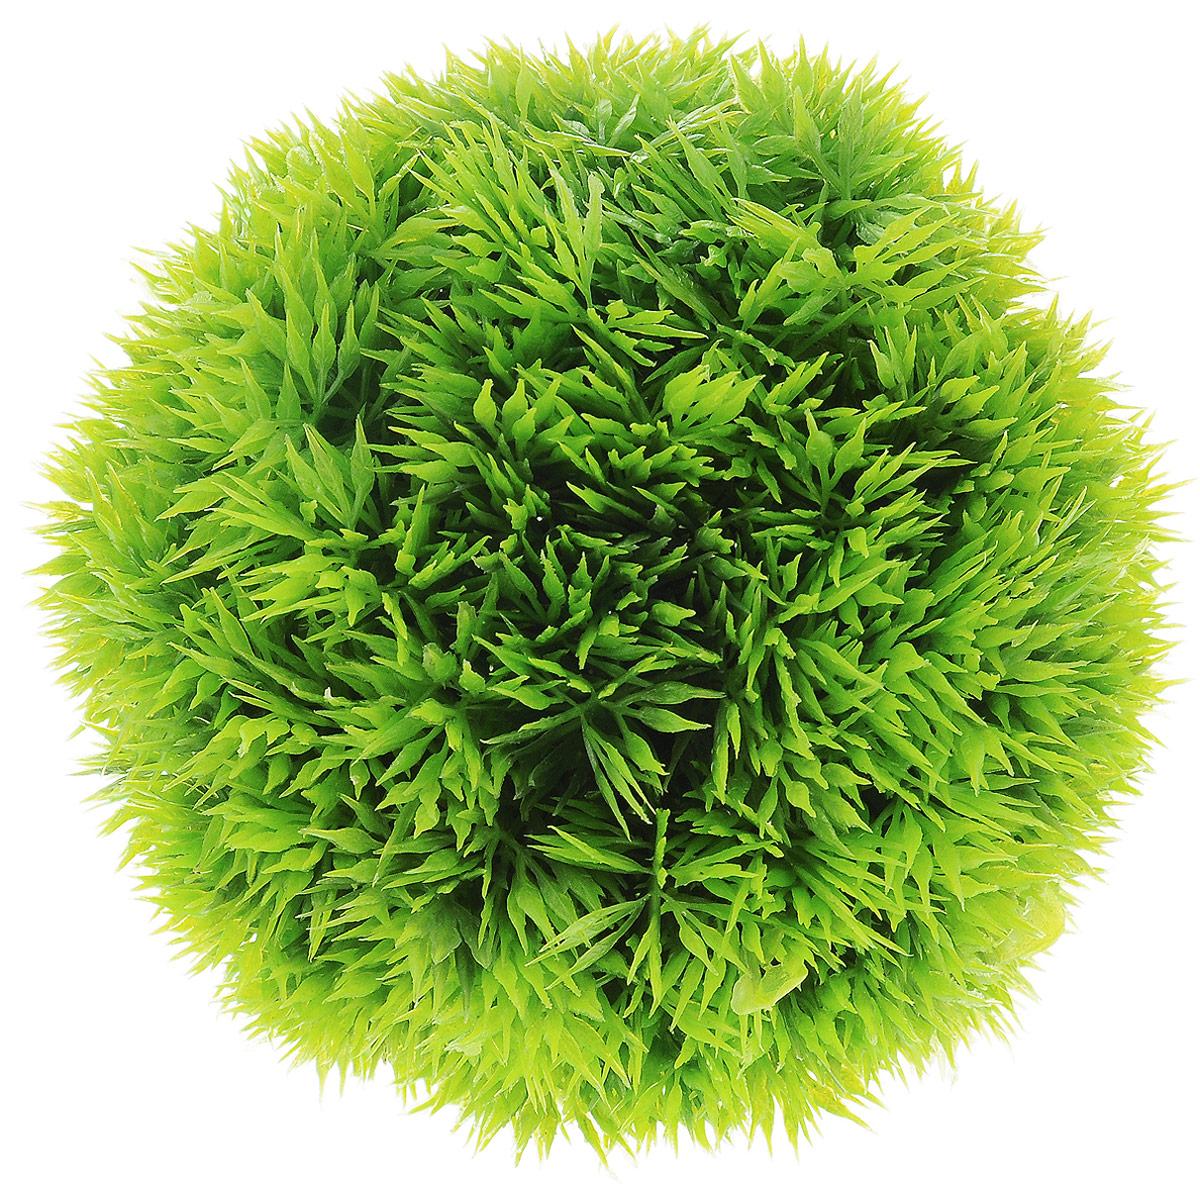 Растение для аквариума Barbus Шар, пластиковое, диаметр 12 см растение для аквариума barbus амбулия пластиковое высота 20 см